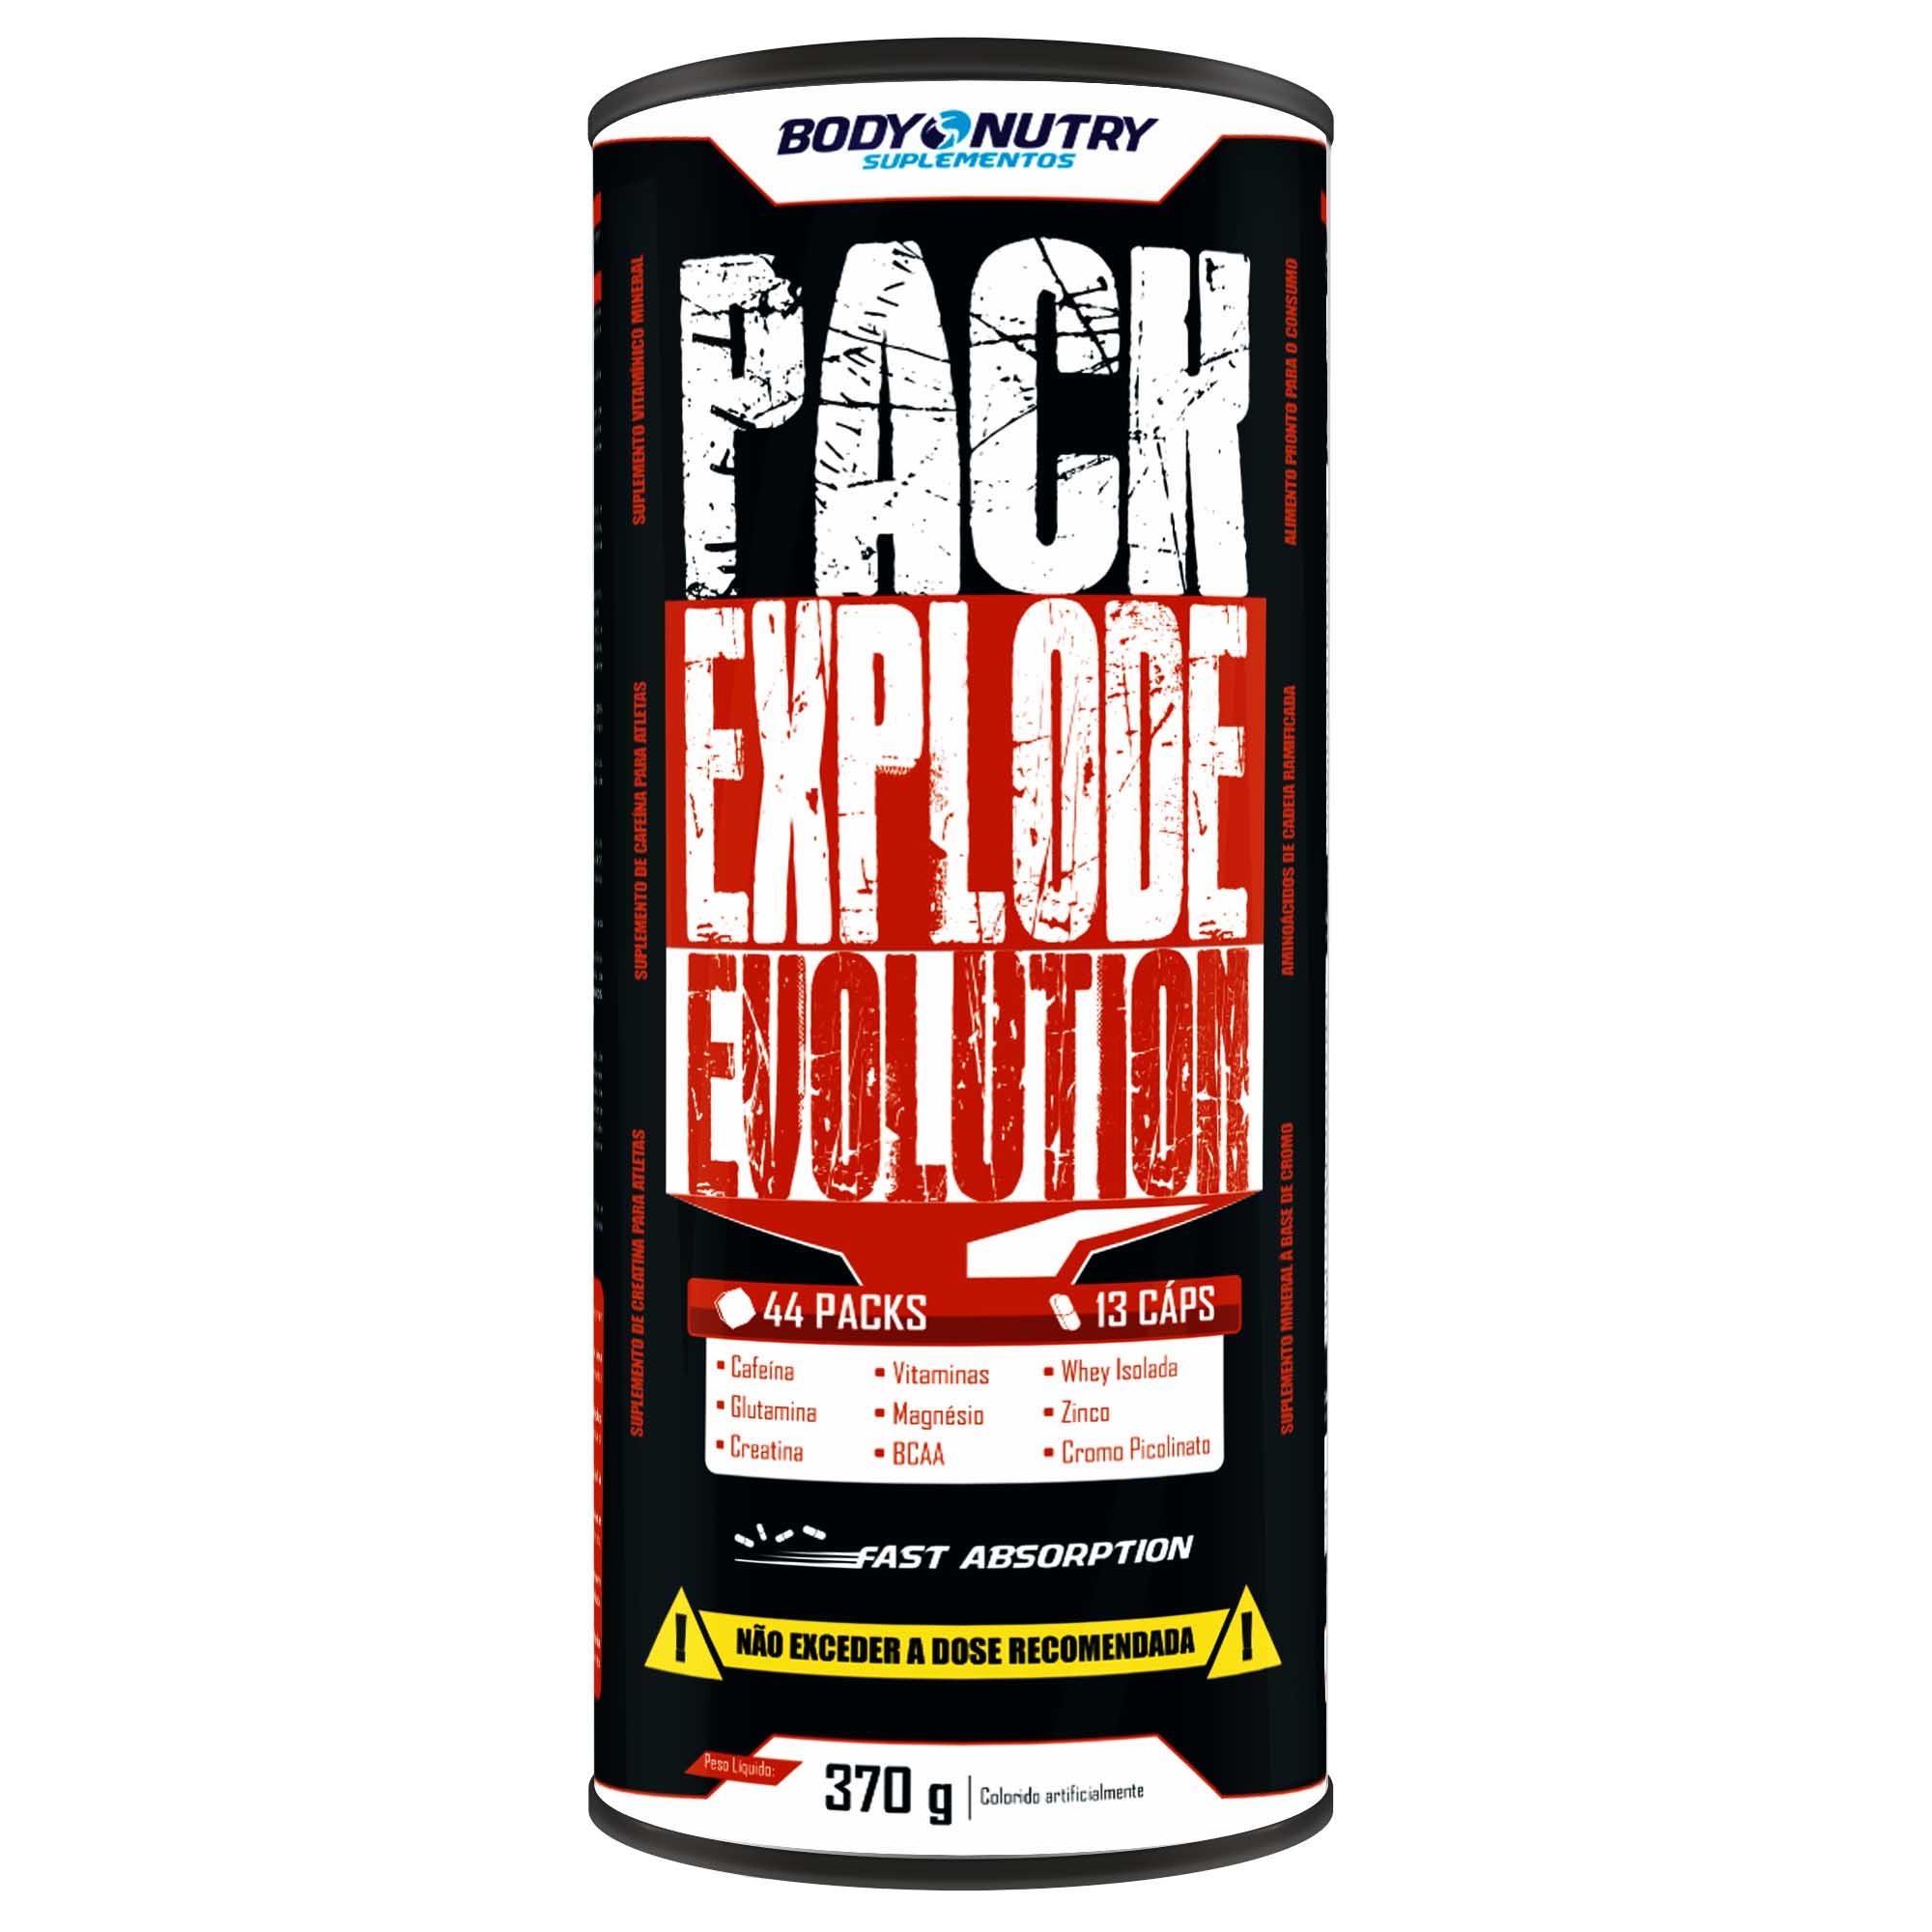 Pack Explode Evolution 44 Packs Body Nutry